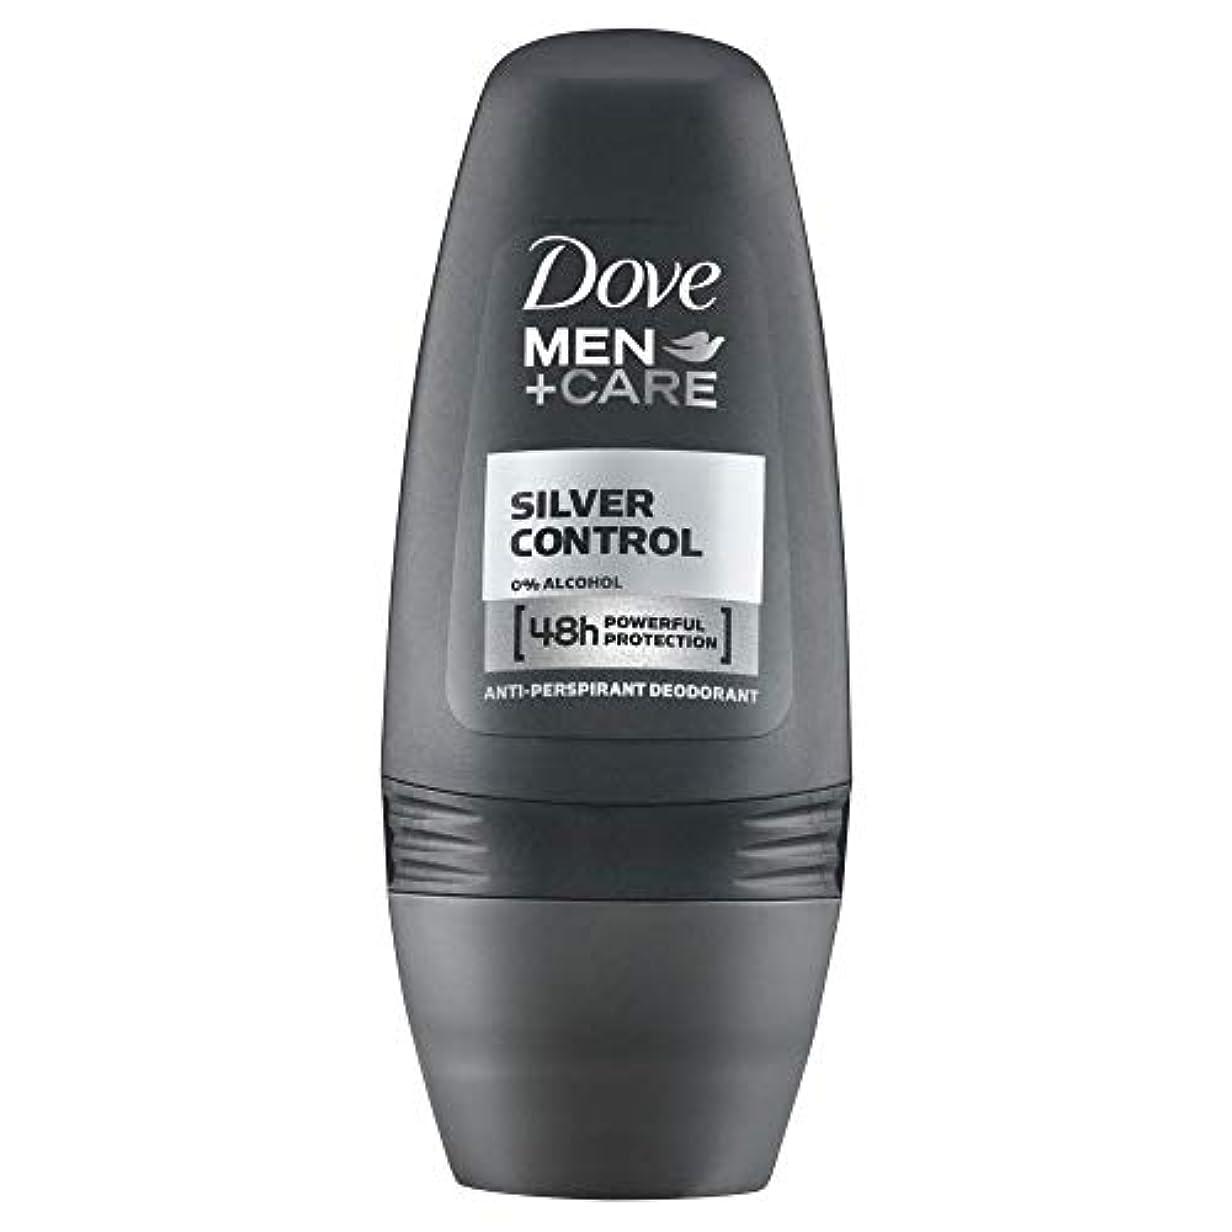 休日に詩人海外[Dove ] 消臭にロール銀制御抗制汗ケア+鳩の男性(50ミリリットル) - Dove Men + Care Silver Control Anti Perspirant Roll-on Deodorant (50ml...